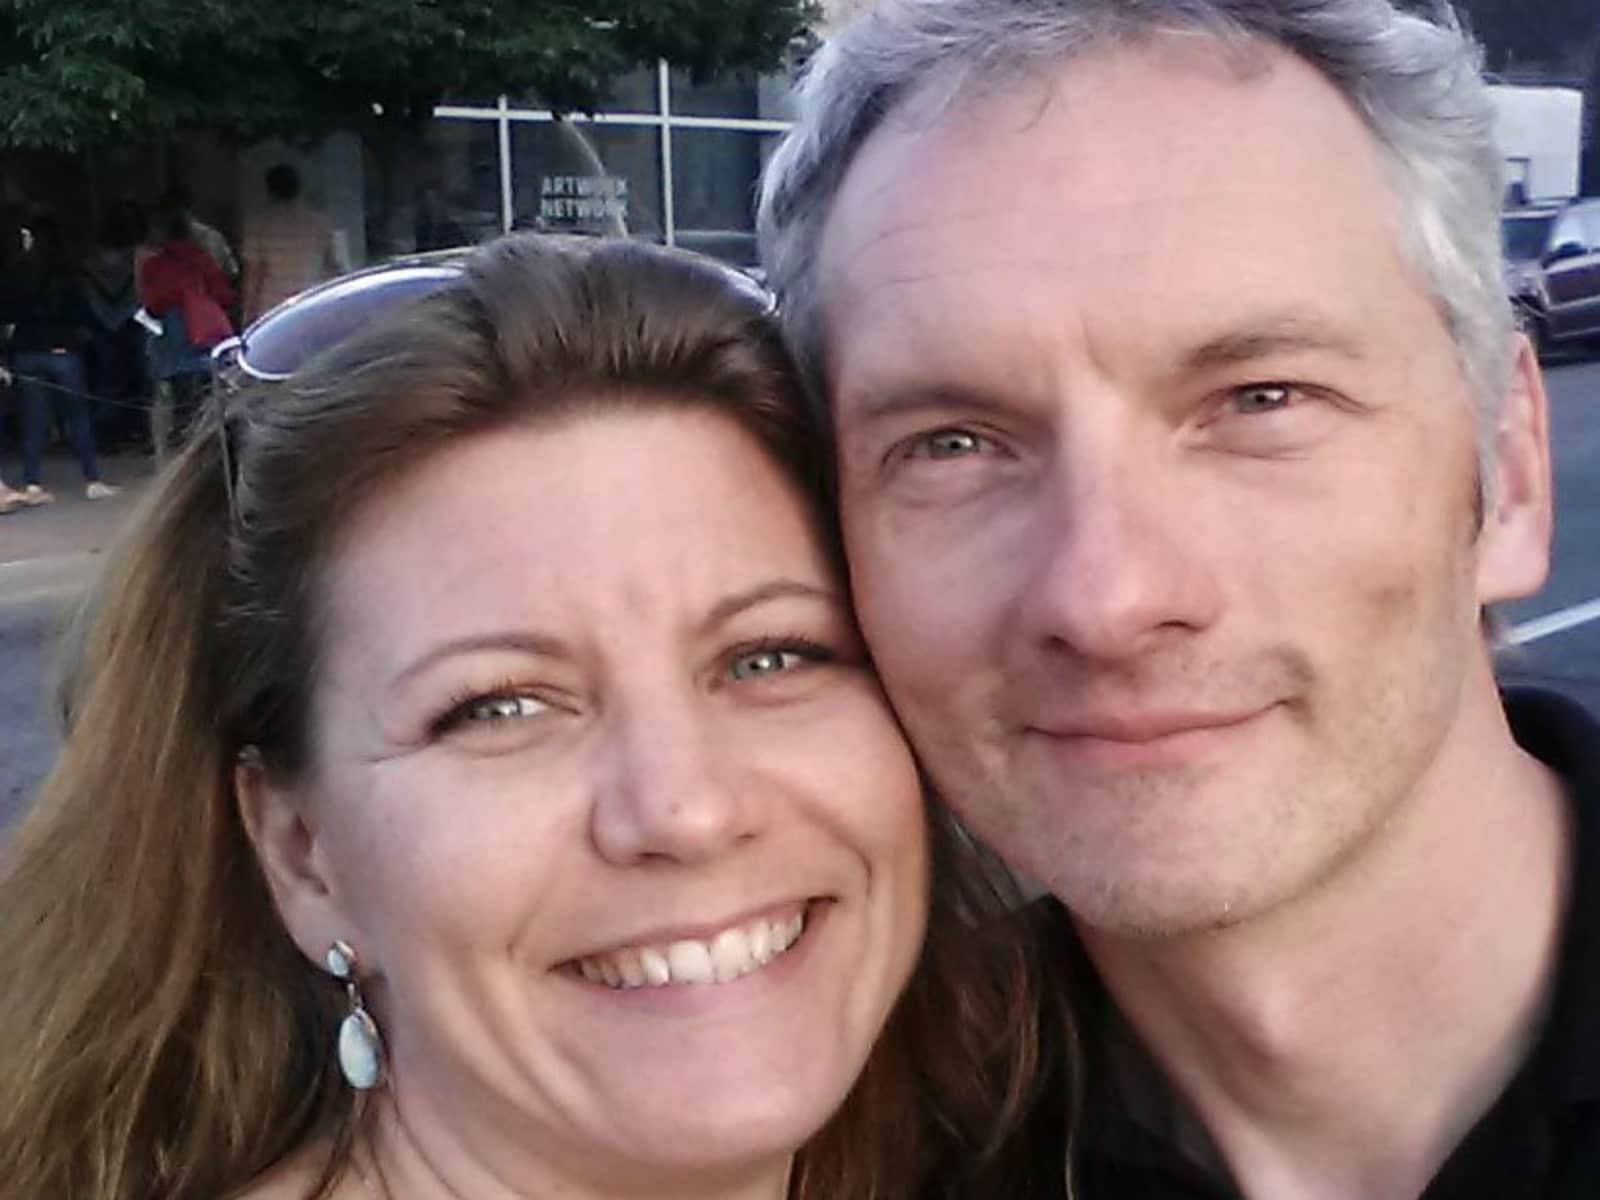 Lisa m & Shaine from Boise, Idaho, United States